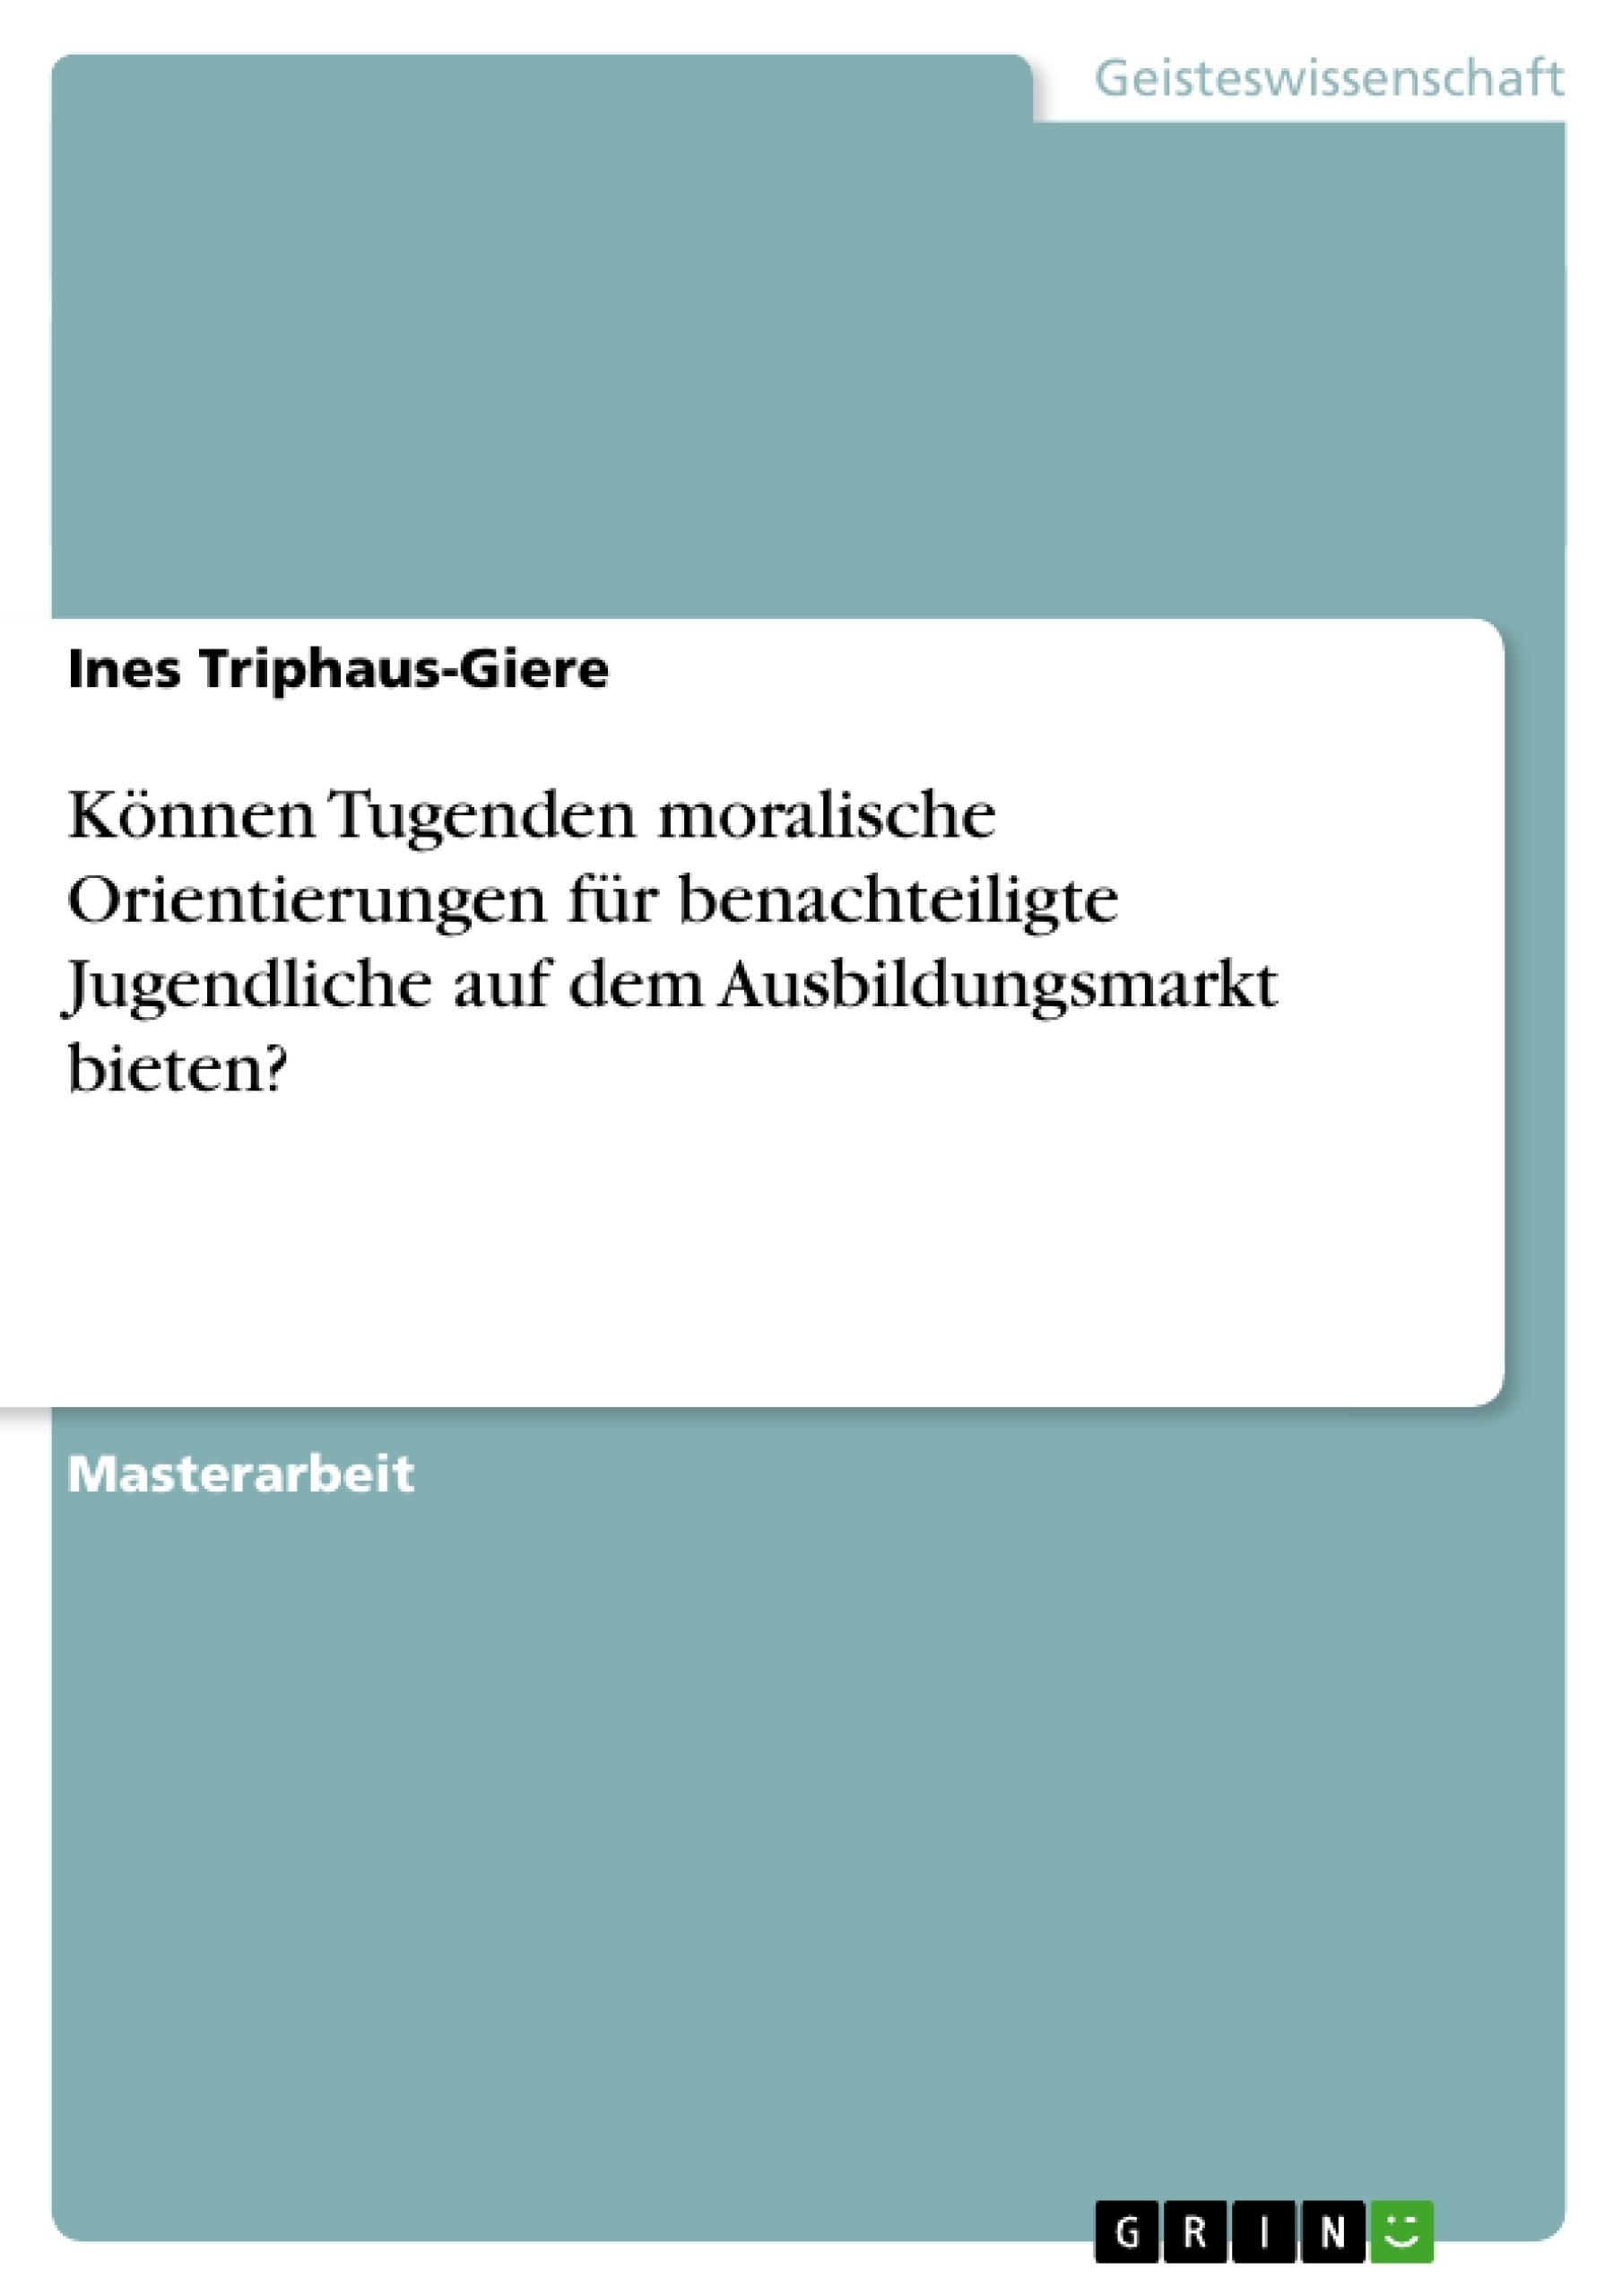 Titel: Können Tugenden moralische Orientierungen für benachteiligte Jugendliche auf dem Ausbildungsmarkt bieten?